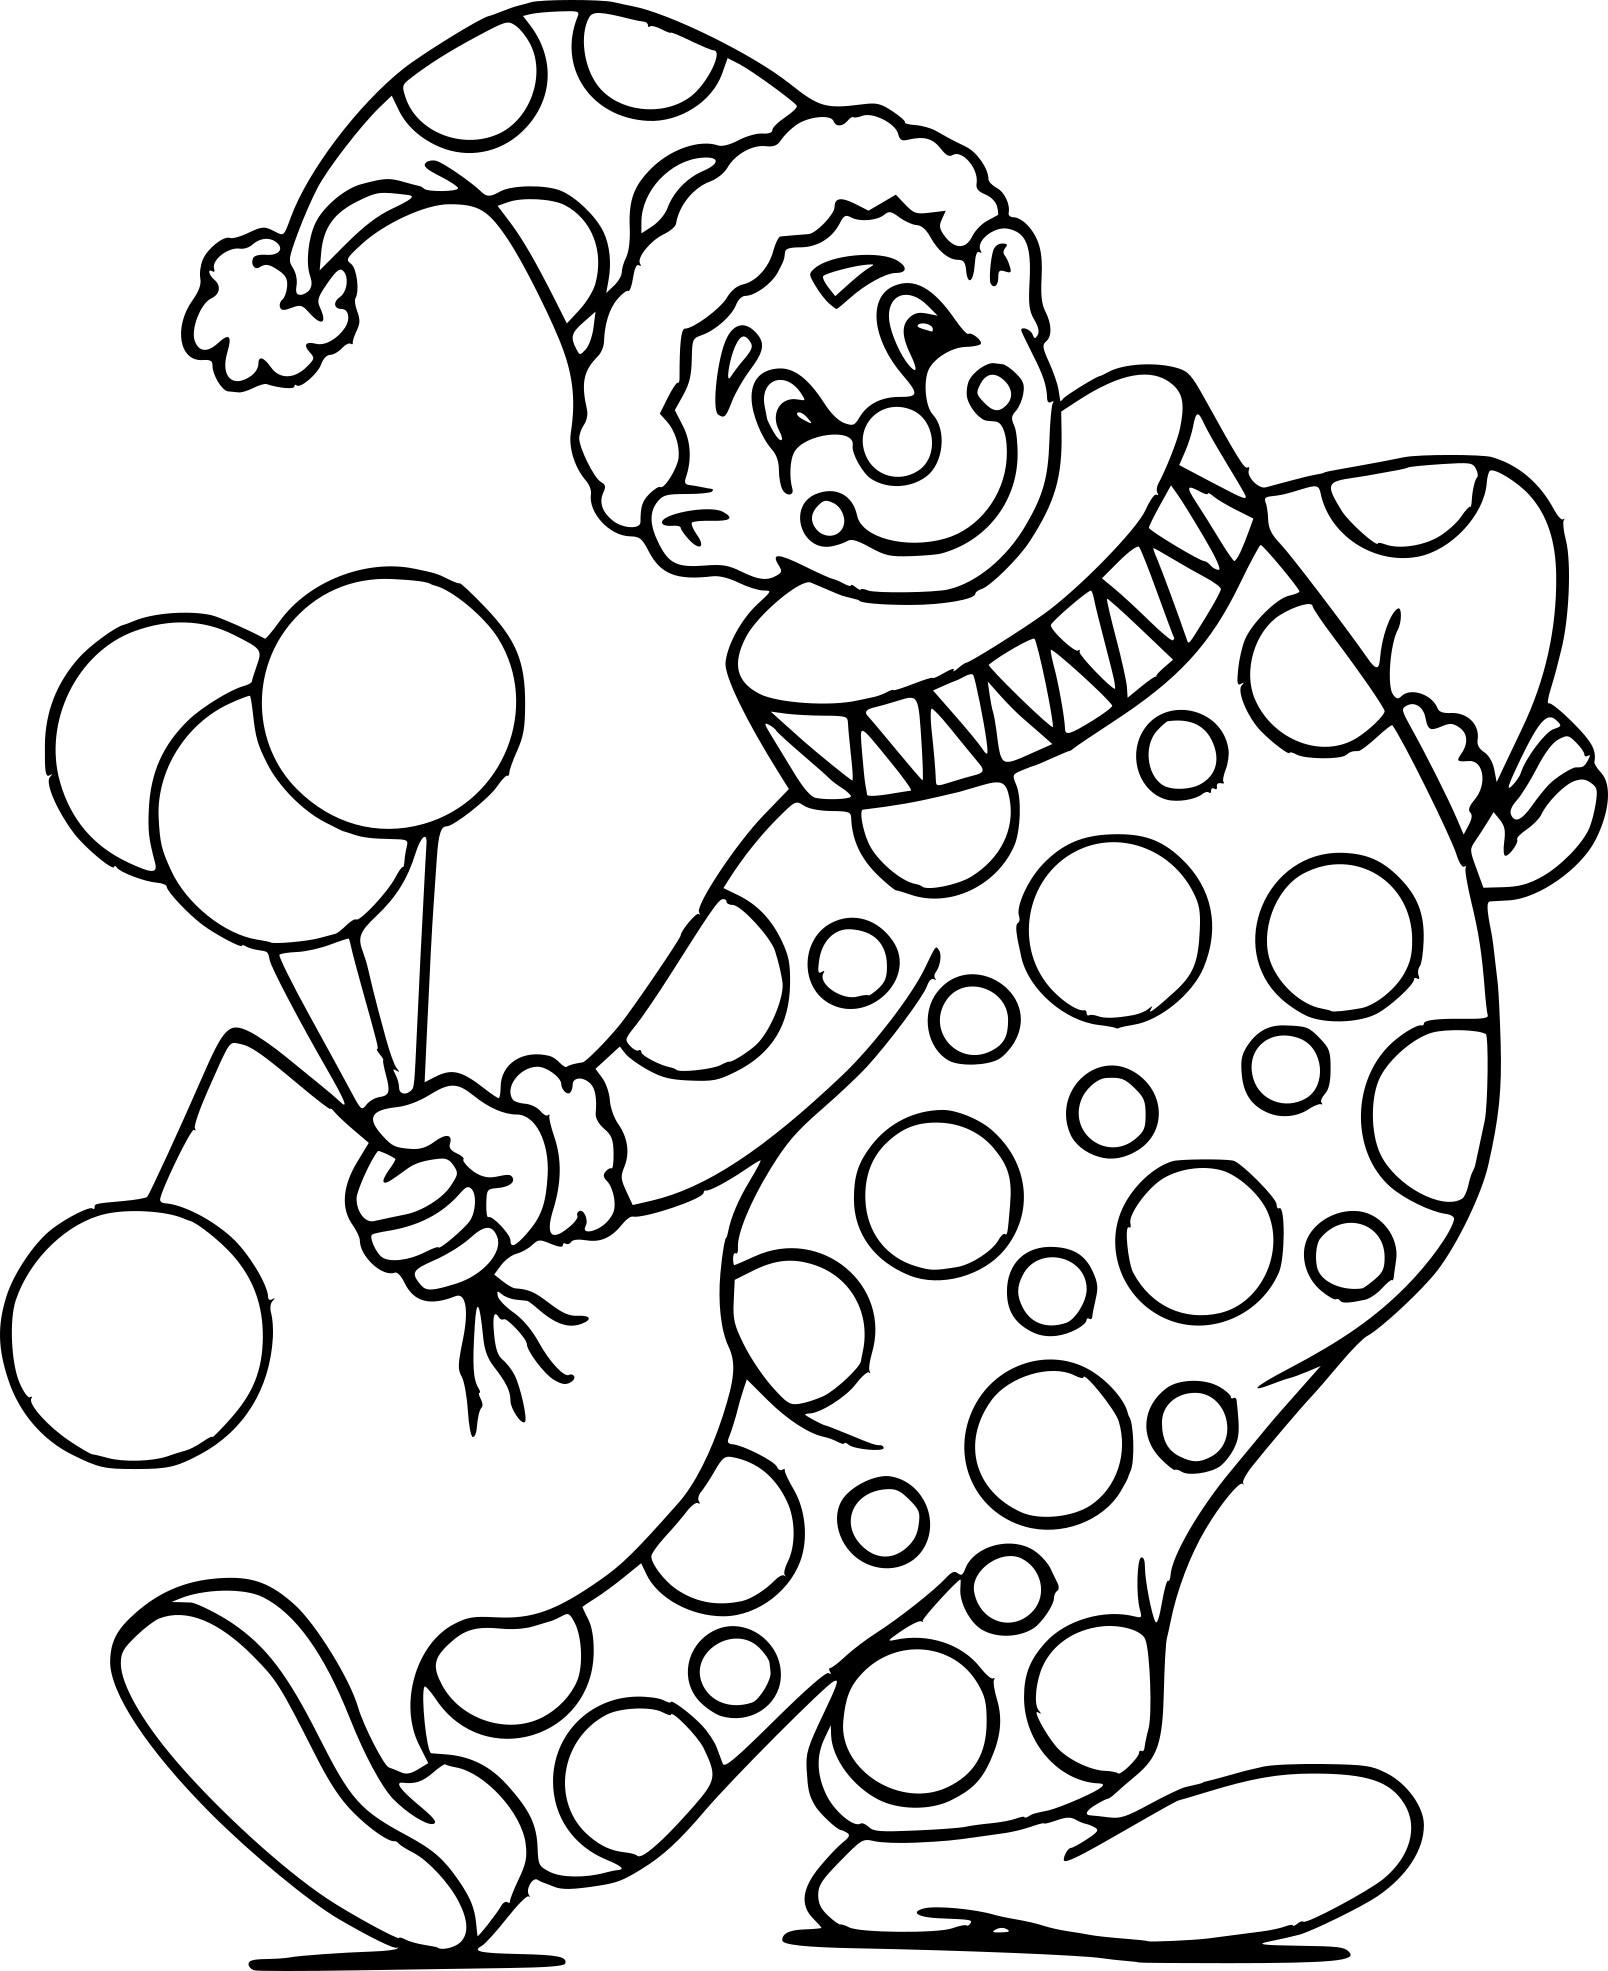 Coloriage Clown Cirque Dessin À Imprimer Sur Coloriages intérieur Coloriage Clown A Imprimer